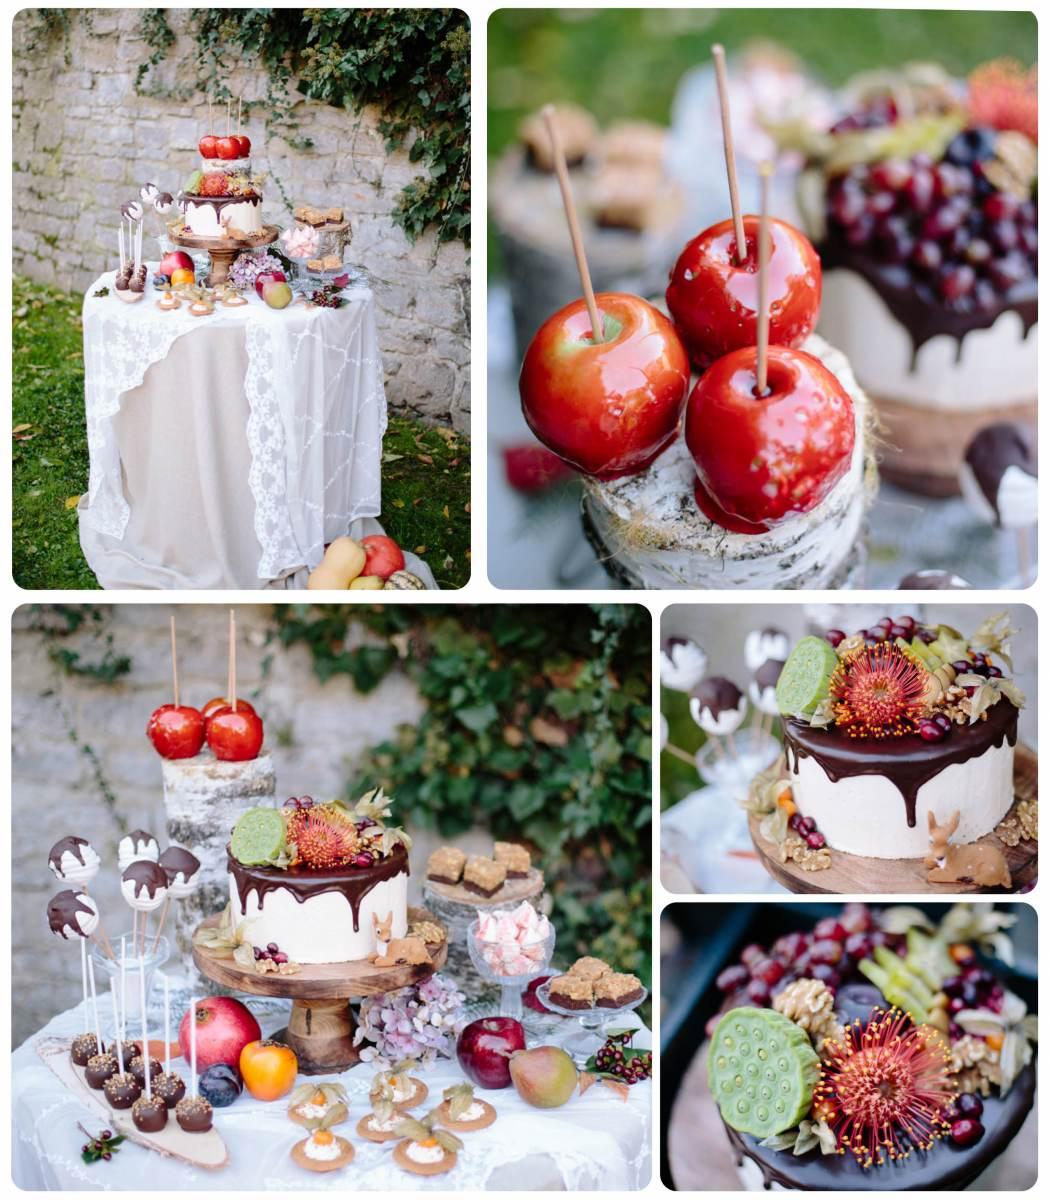 Ambient & Foodfotografie für Julias Cupcackes World